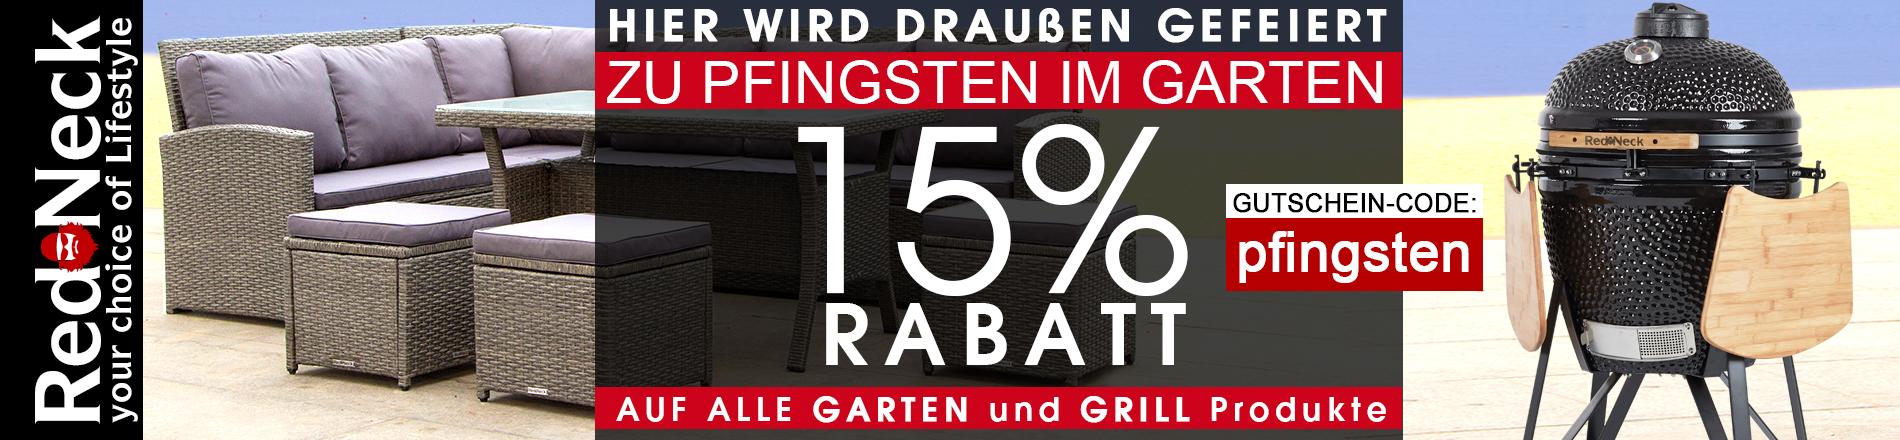 Pfingst-Rabatt - 15% Gutschein für Gartenmöbel, Keramikgrills & Grill-Zubehör